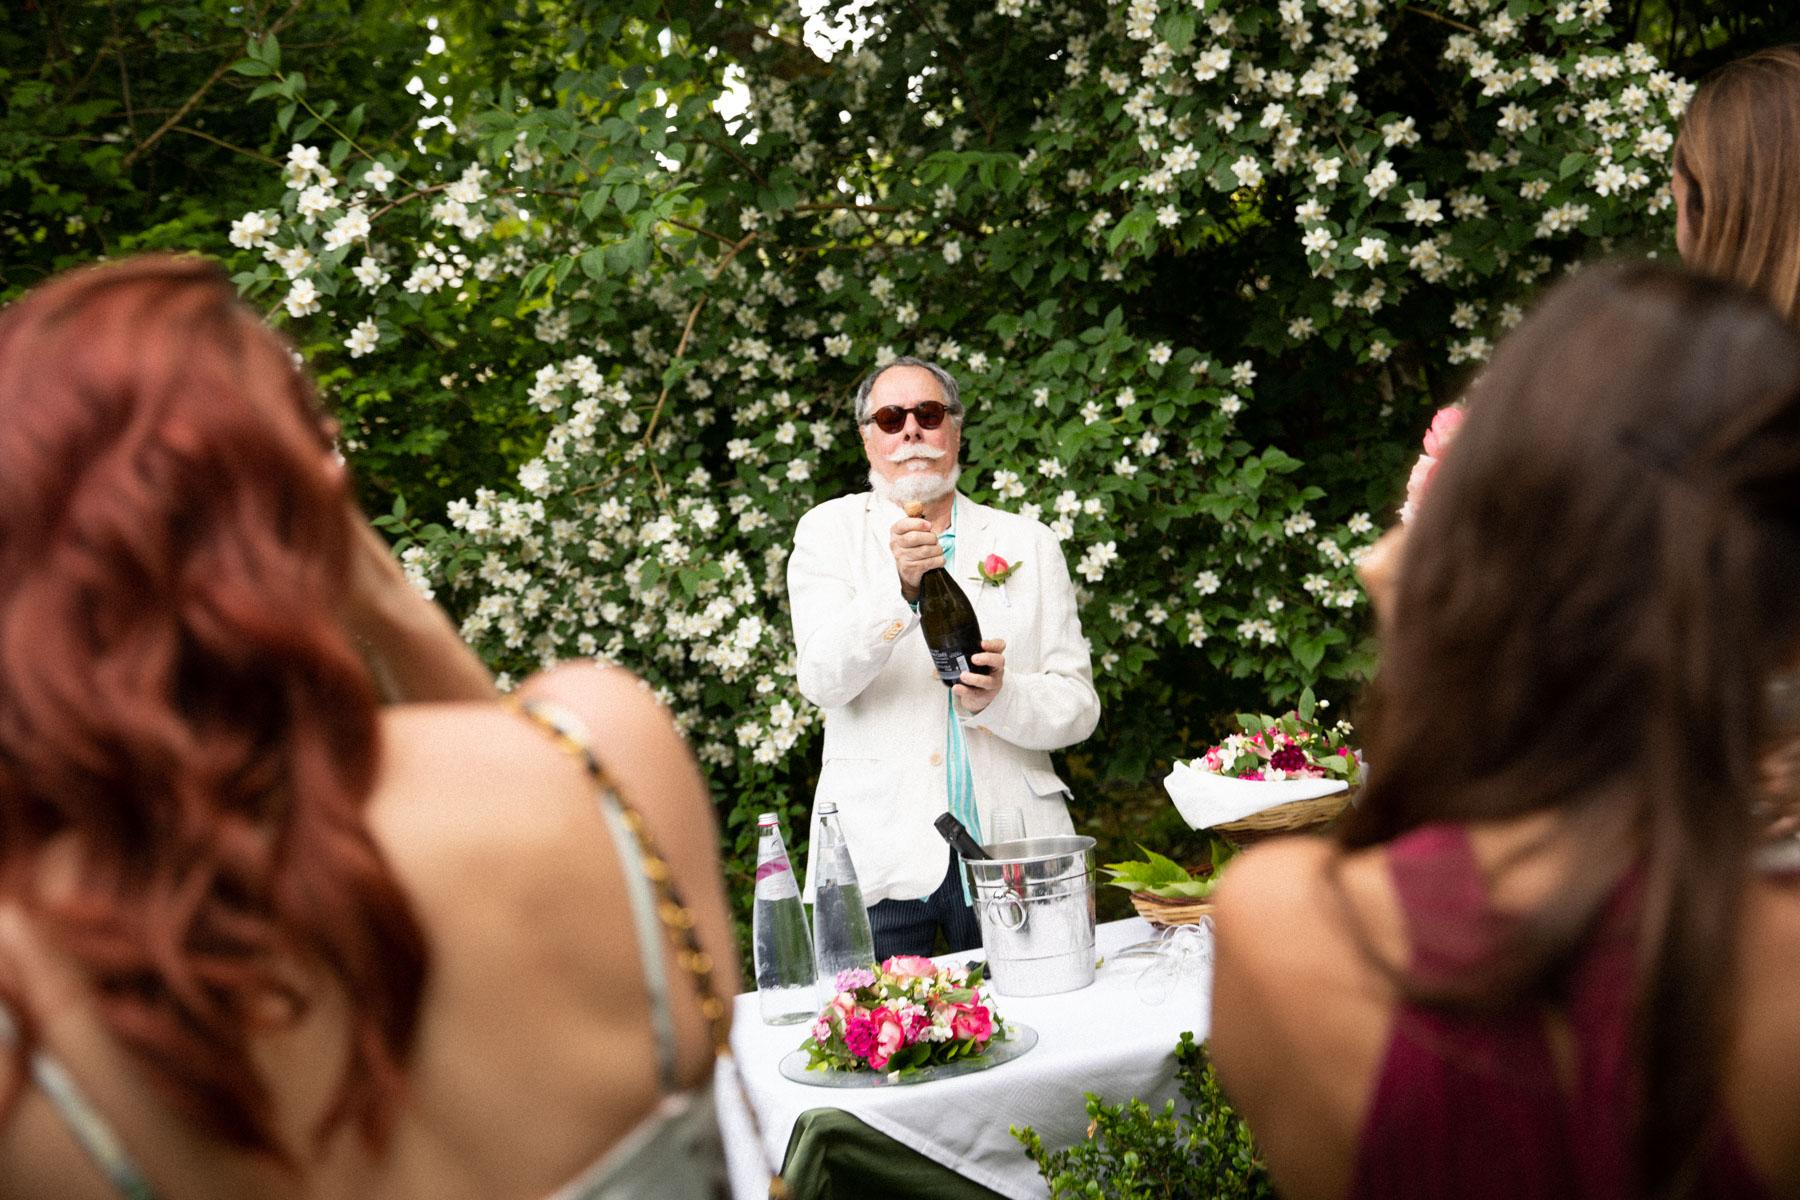 Italie Elopement Garden Cérémonie Photographie à la forêt de chênes verts | le père du marié a débouché une bouteille de prosecco.